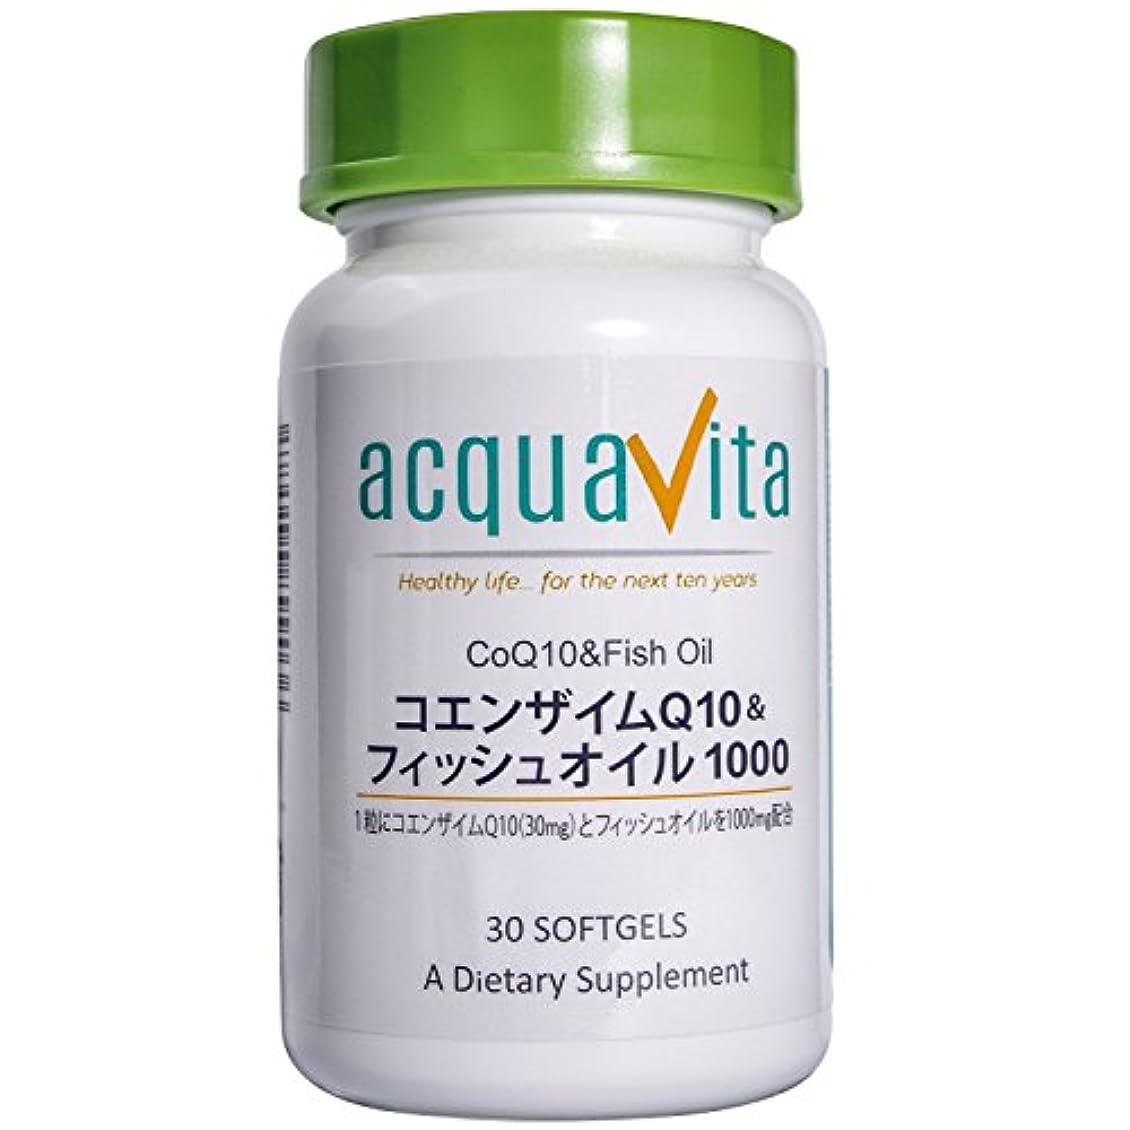 サークル茎掻くAcqua vita(アクアヴィータ)コエンザイムQ10&フィッシュオイル1000 30粒